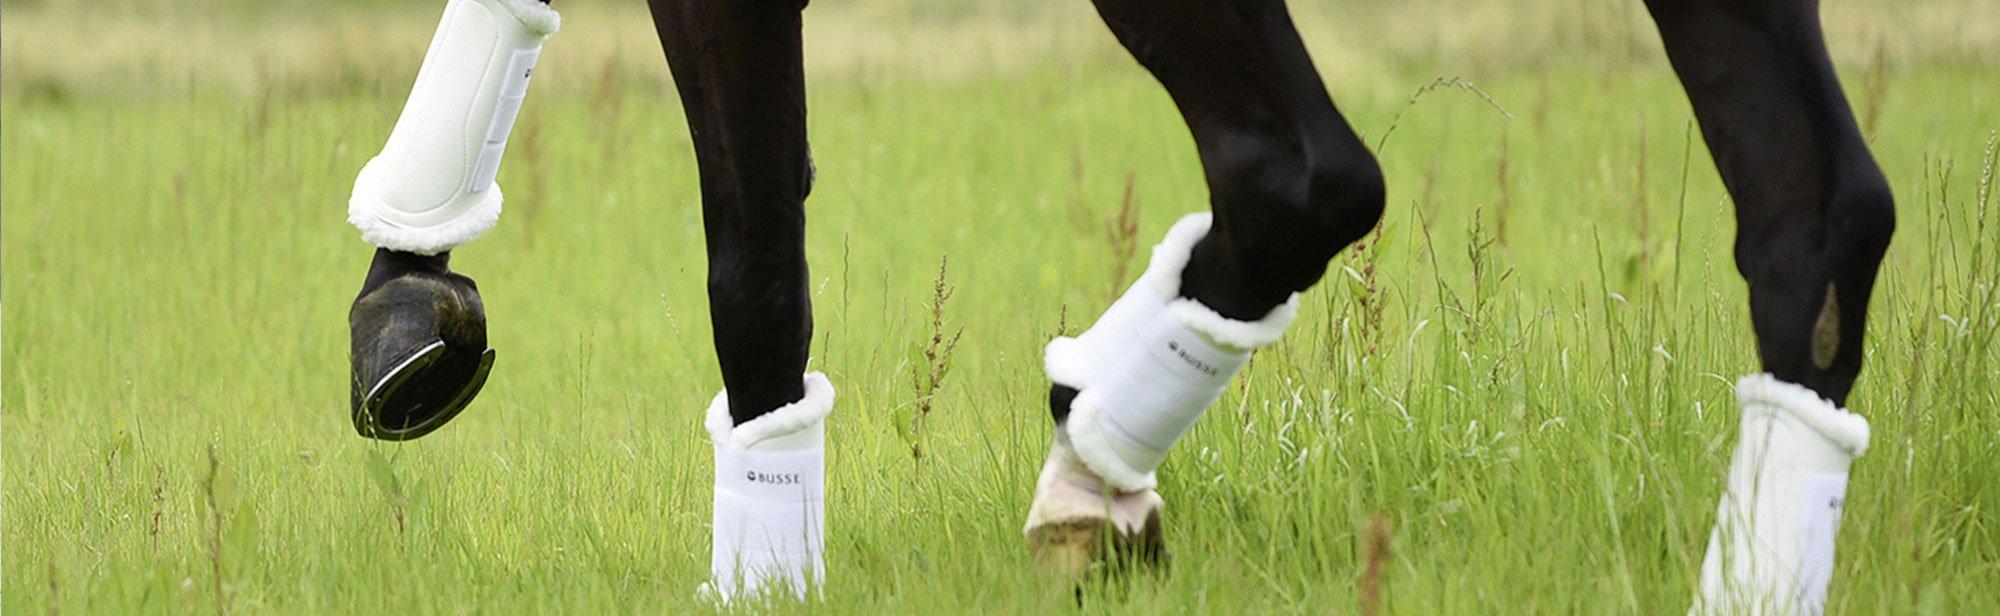 Gamaschen & Streichkappen für Pferde